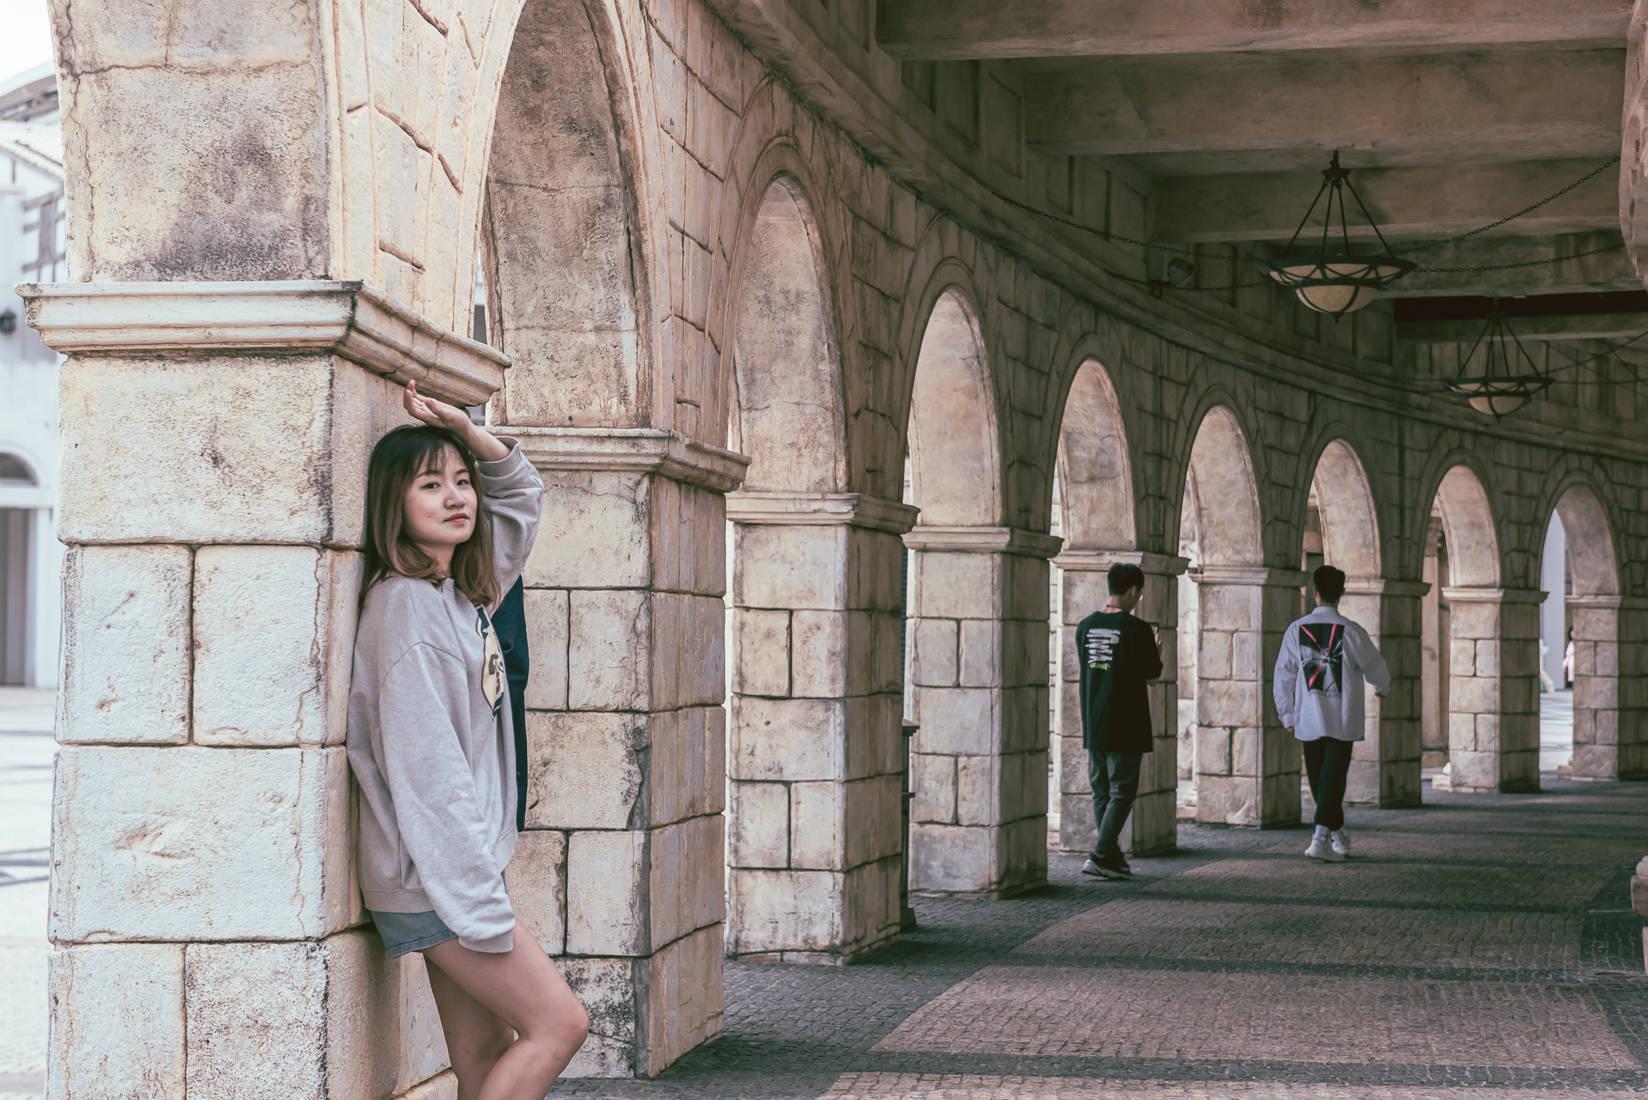 澳门必来的小众拍照景点:仿佛穿梭到欧洲小镇,有一整片复古建筑